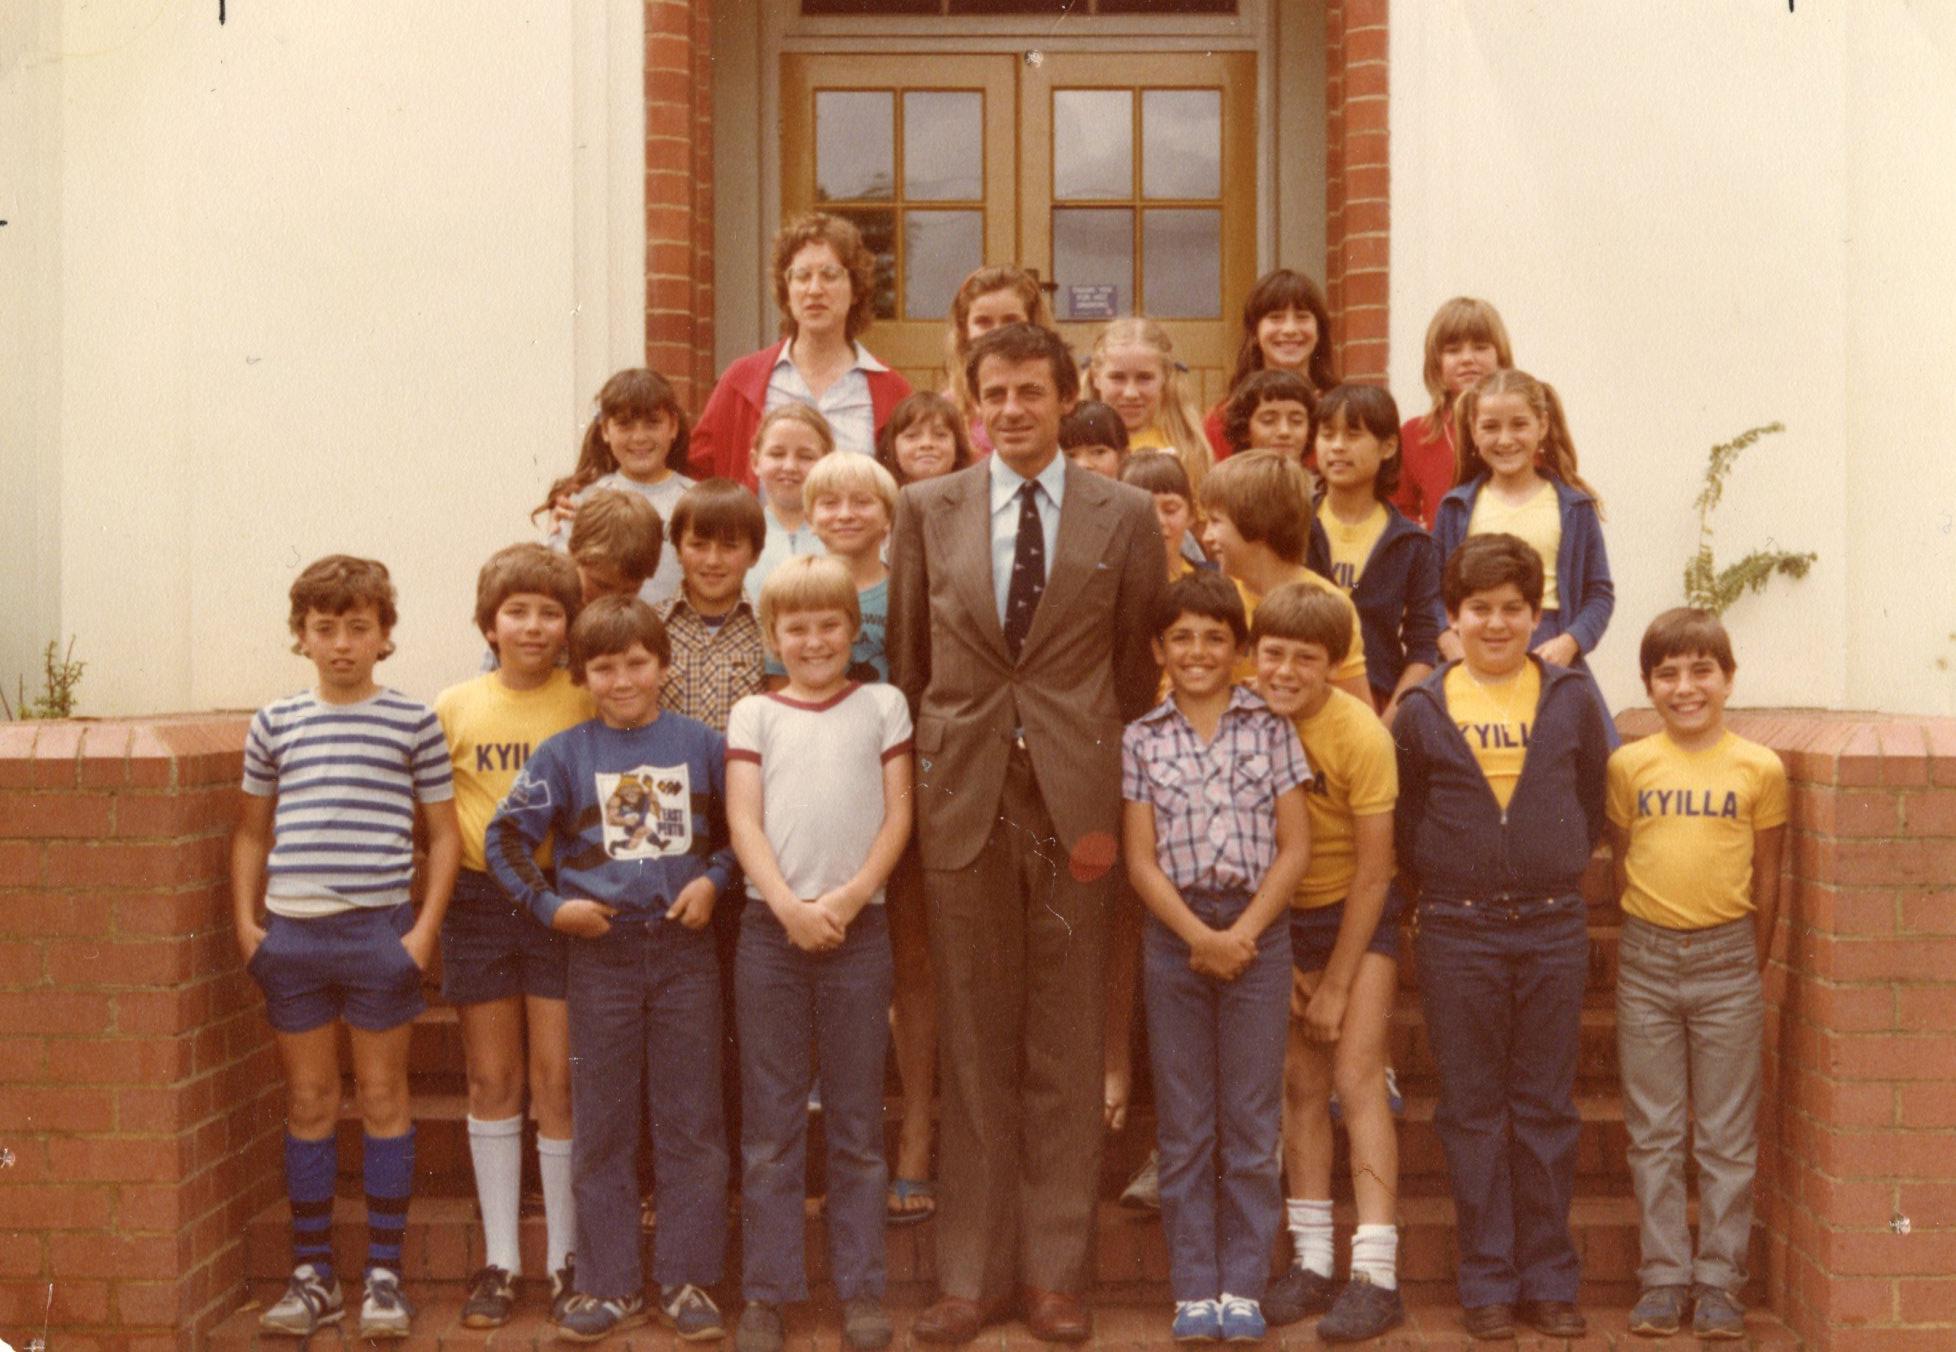 93. Jon Sanders at Kyilla, 1983